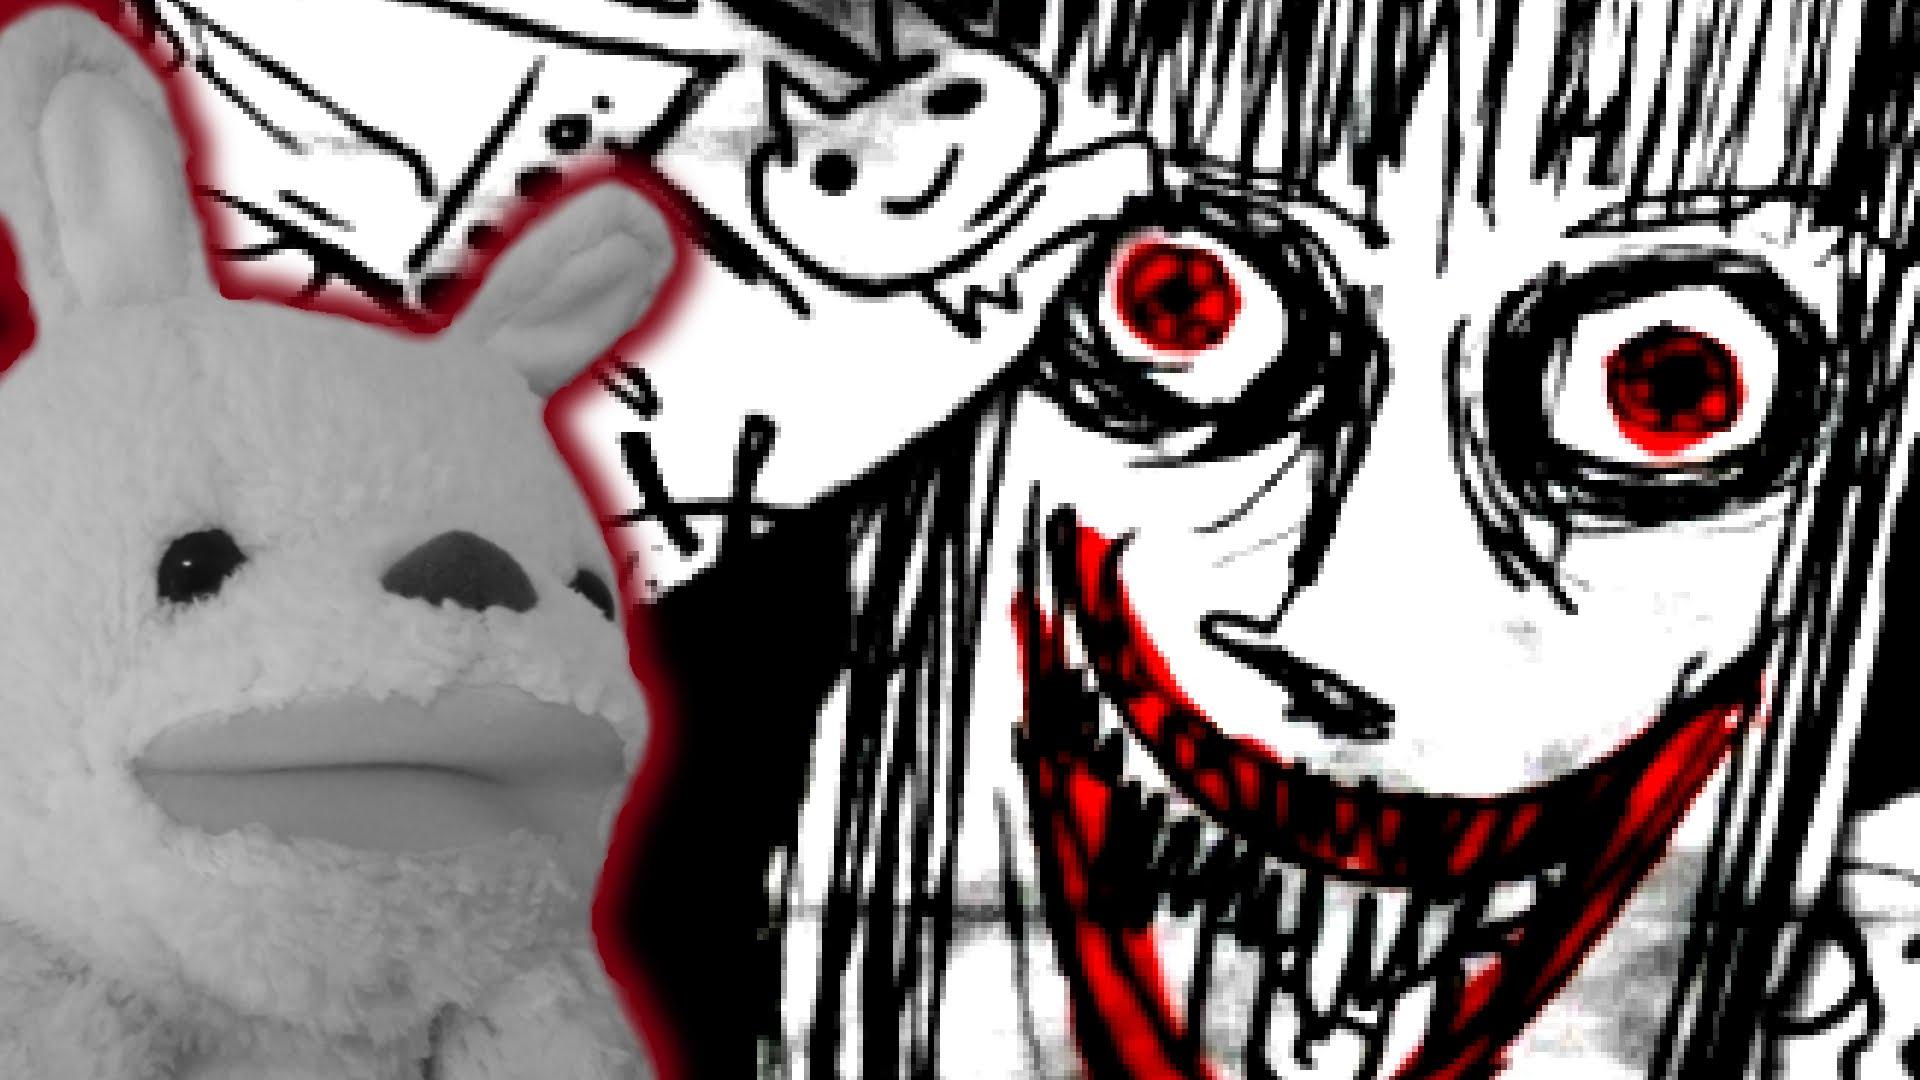 ⑨ユンソナの学生時代!ユンソナの息子の絵が酒鬼薔薇聖斗の絵にちょっと似ている!